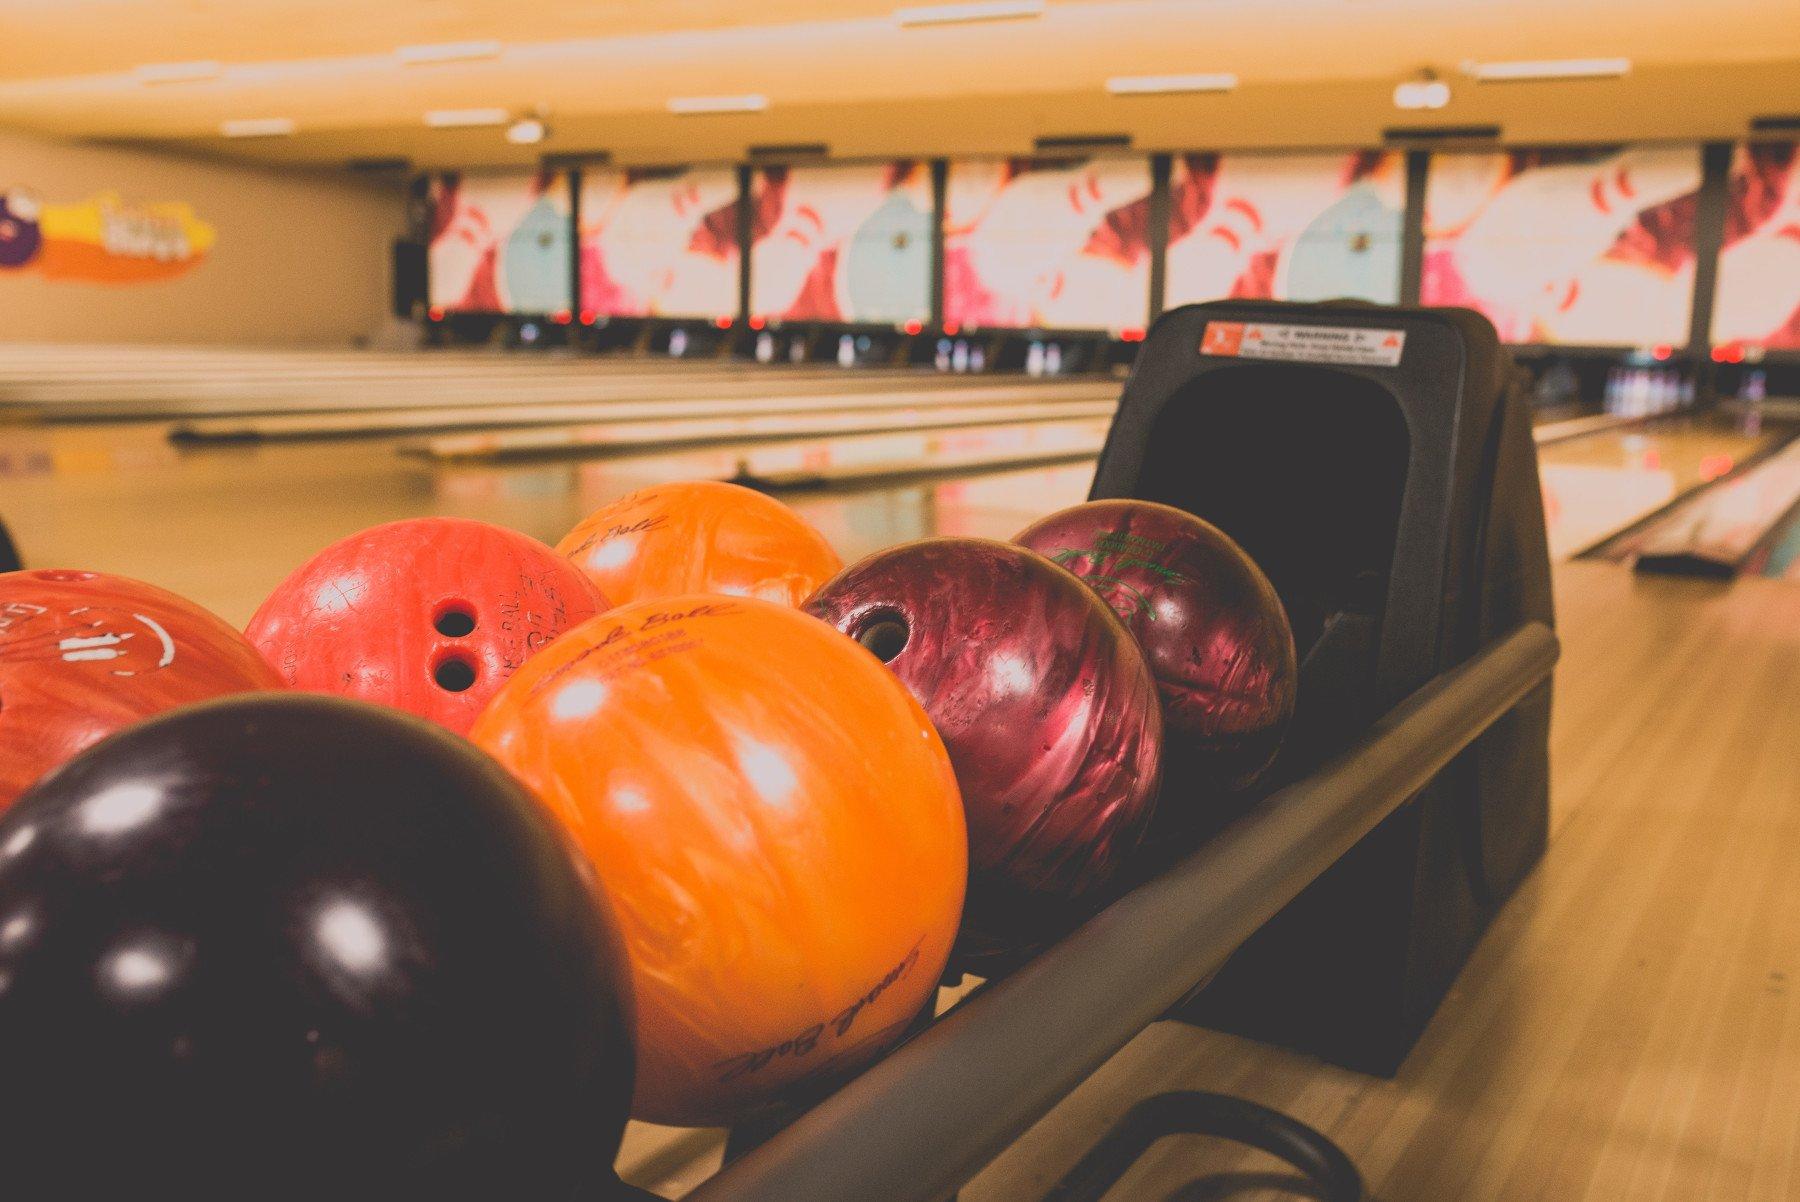 Боулінг: правила, види, інвентар